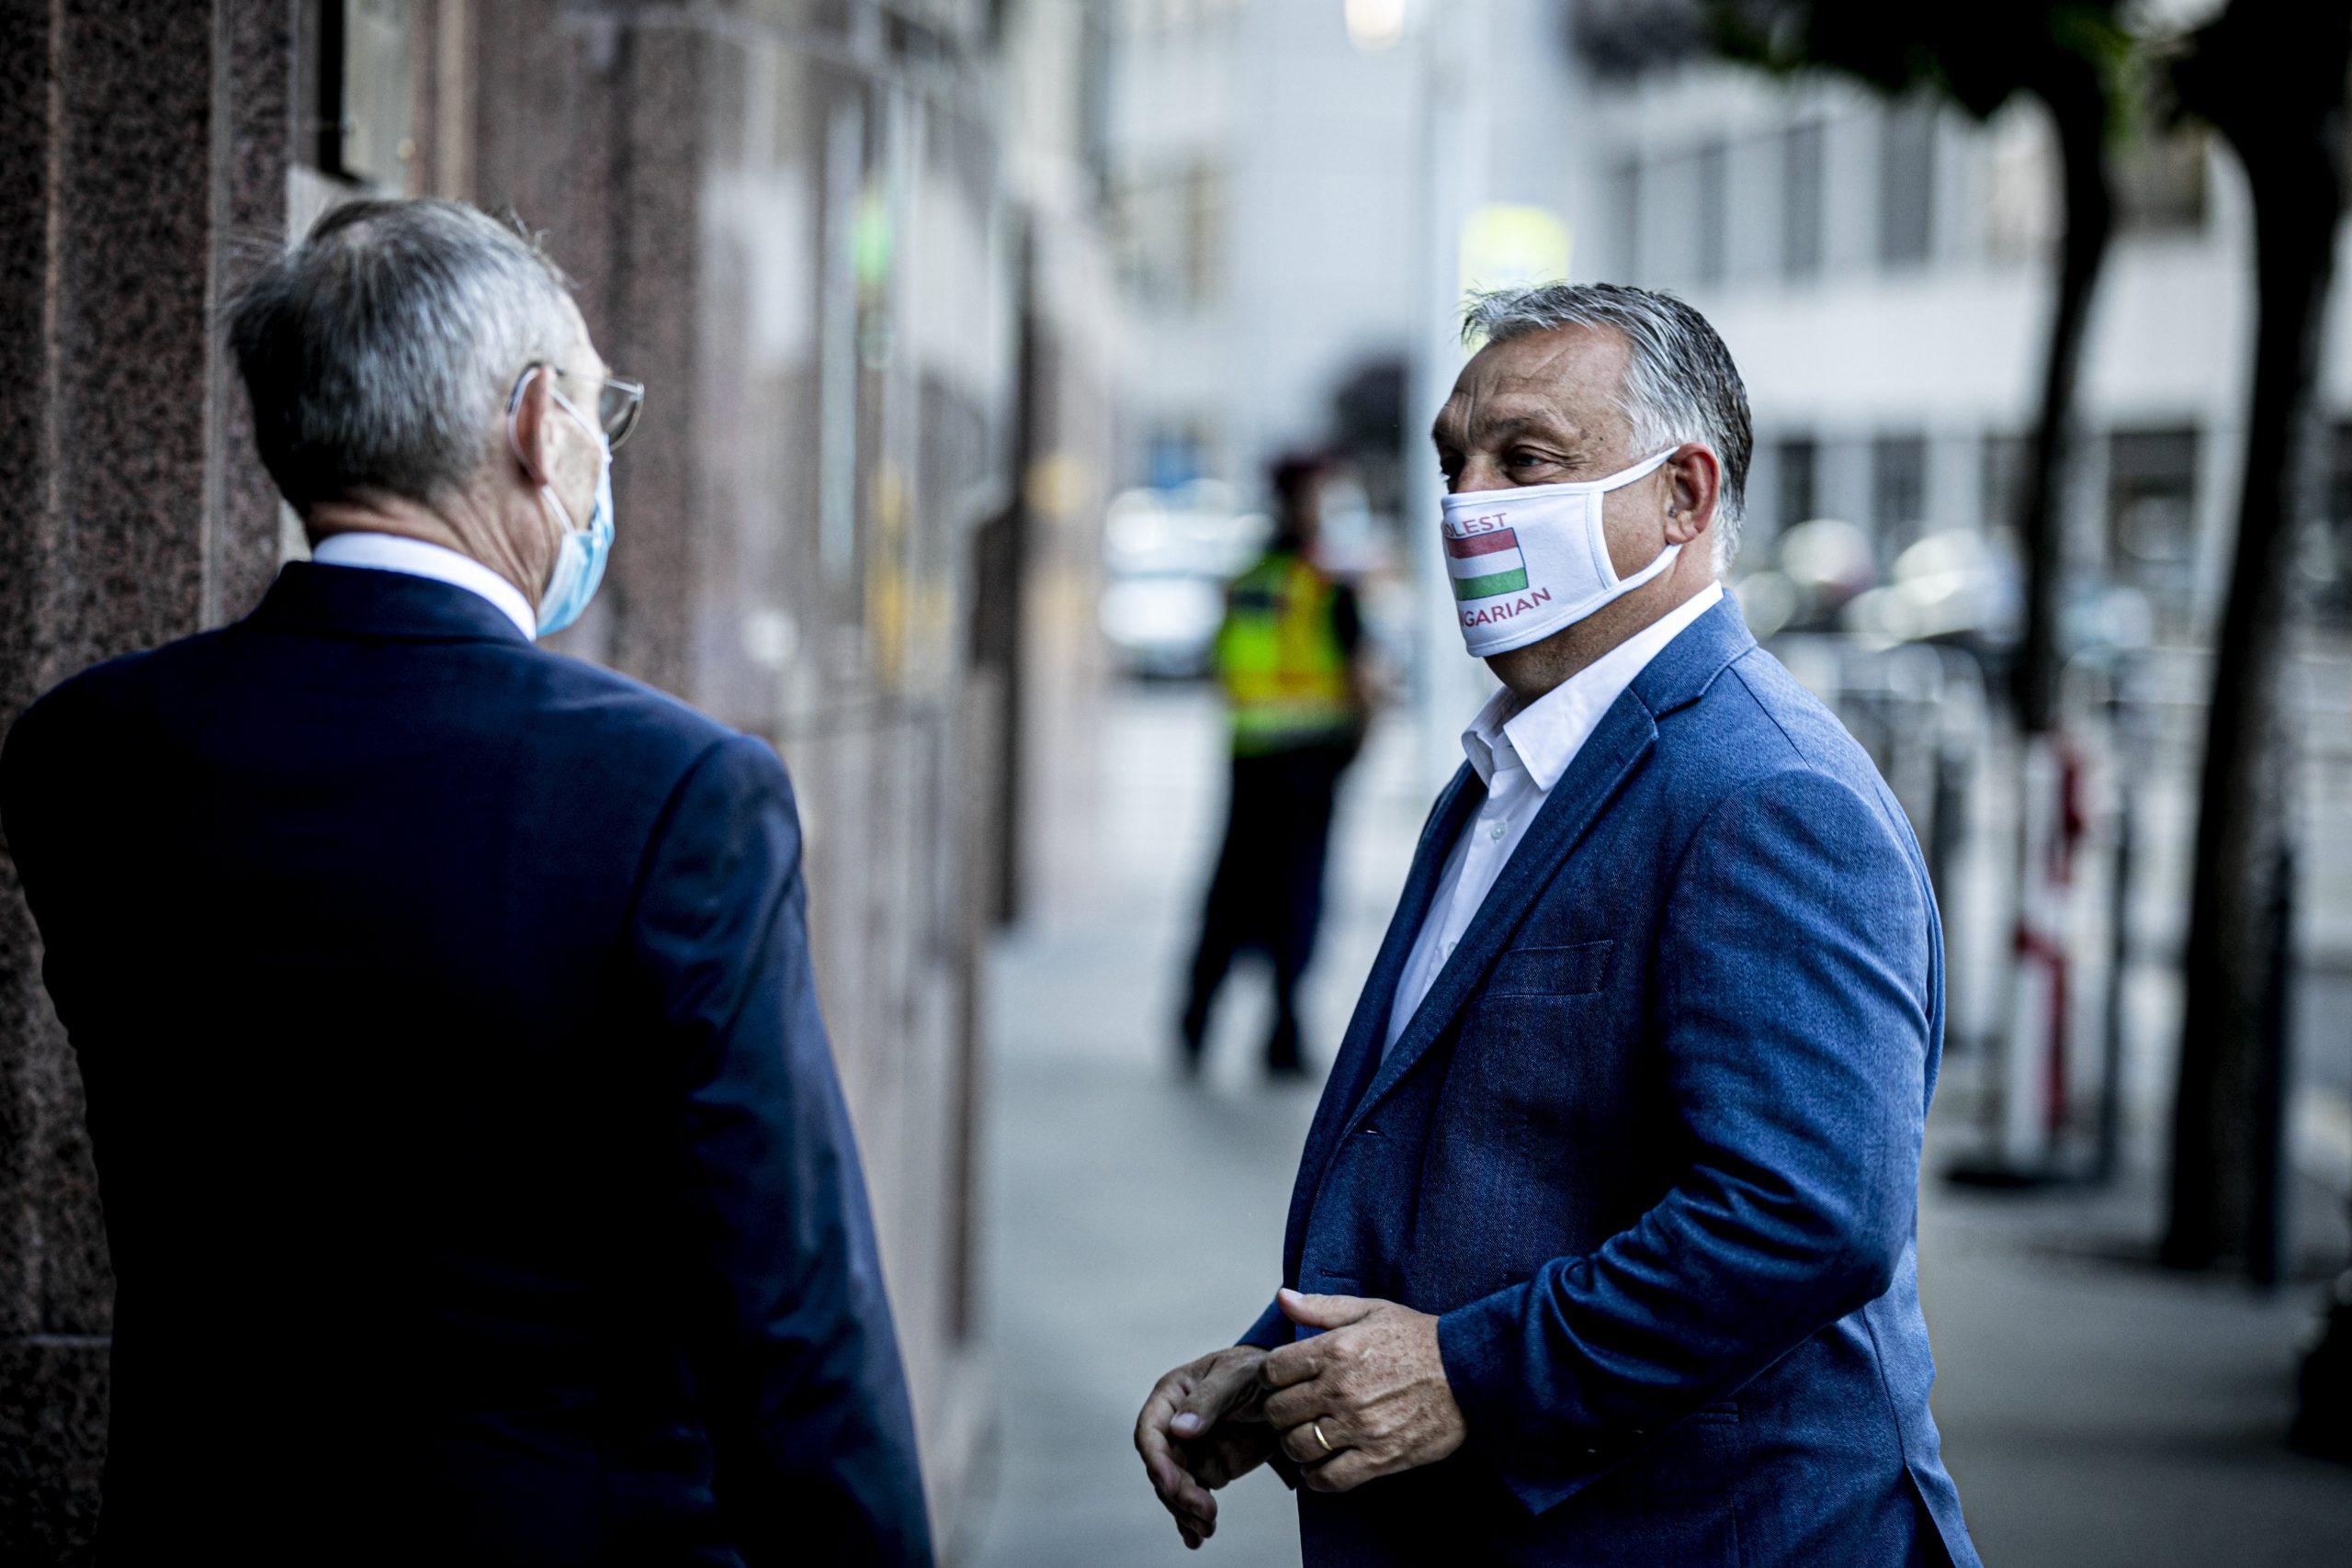 Budapost: Ungarn inmitten der zweiten Pandemiewelle post's picture